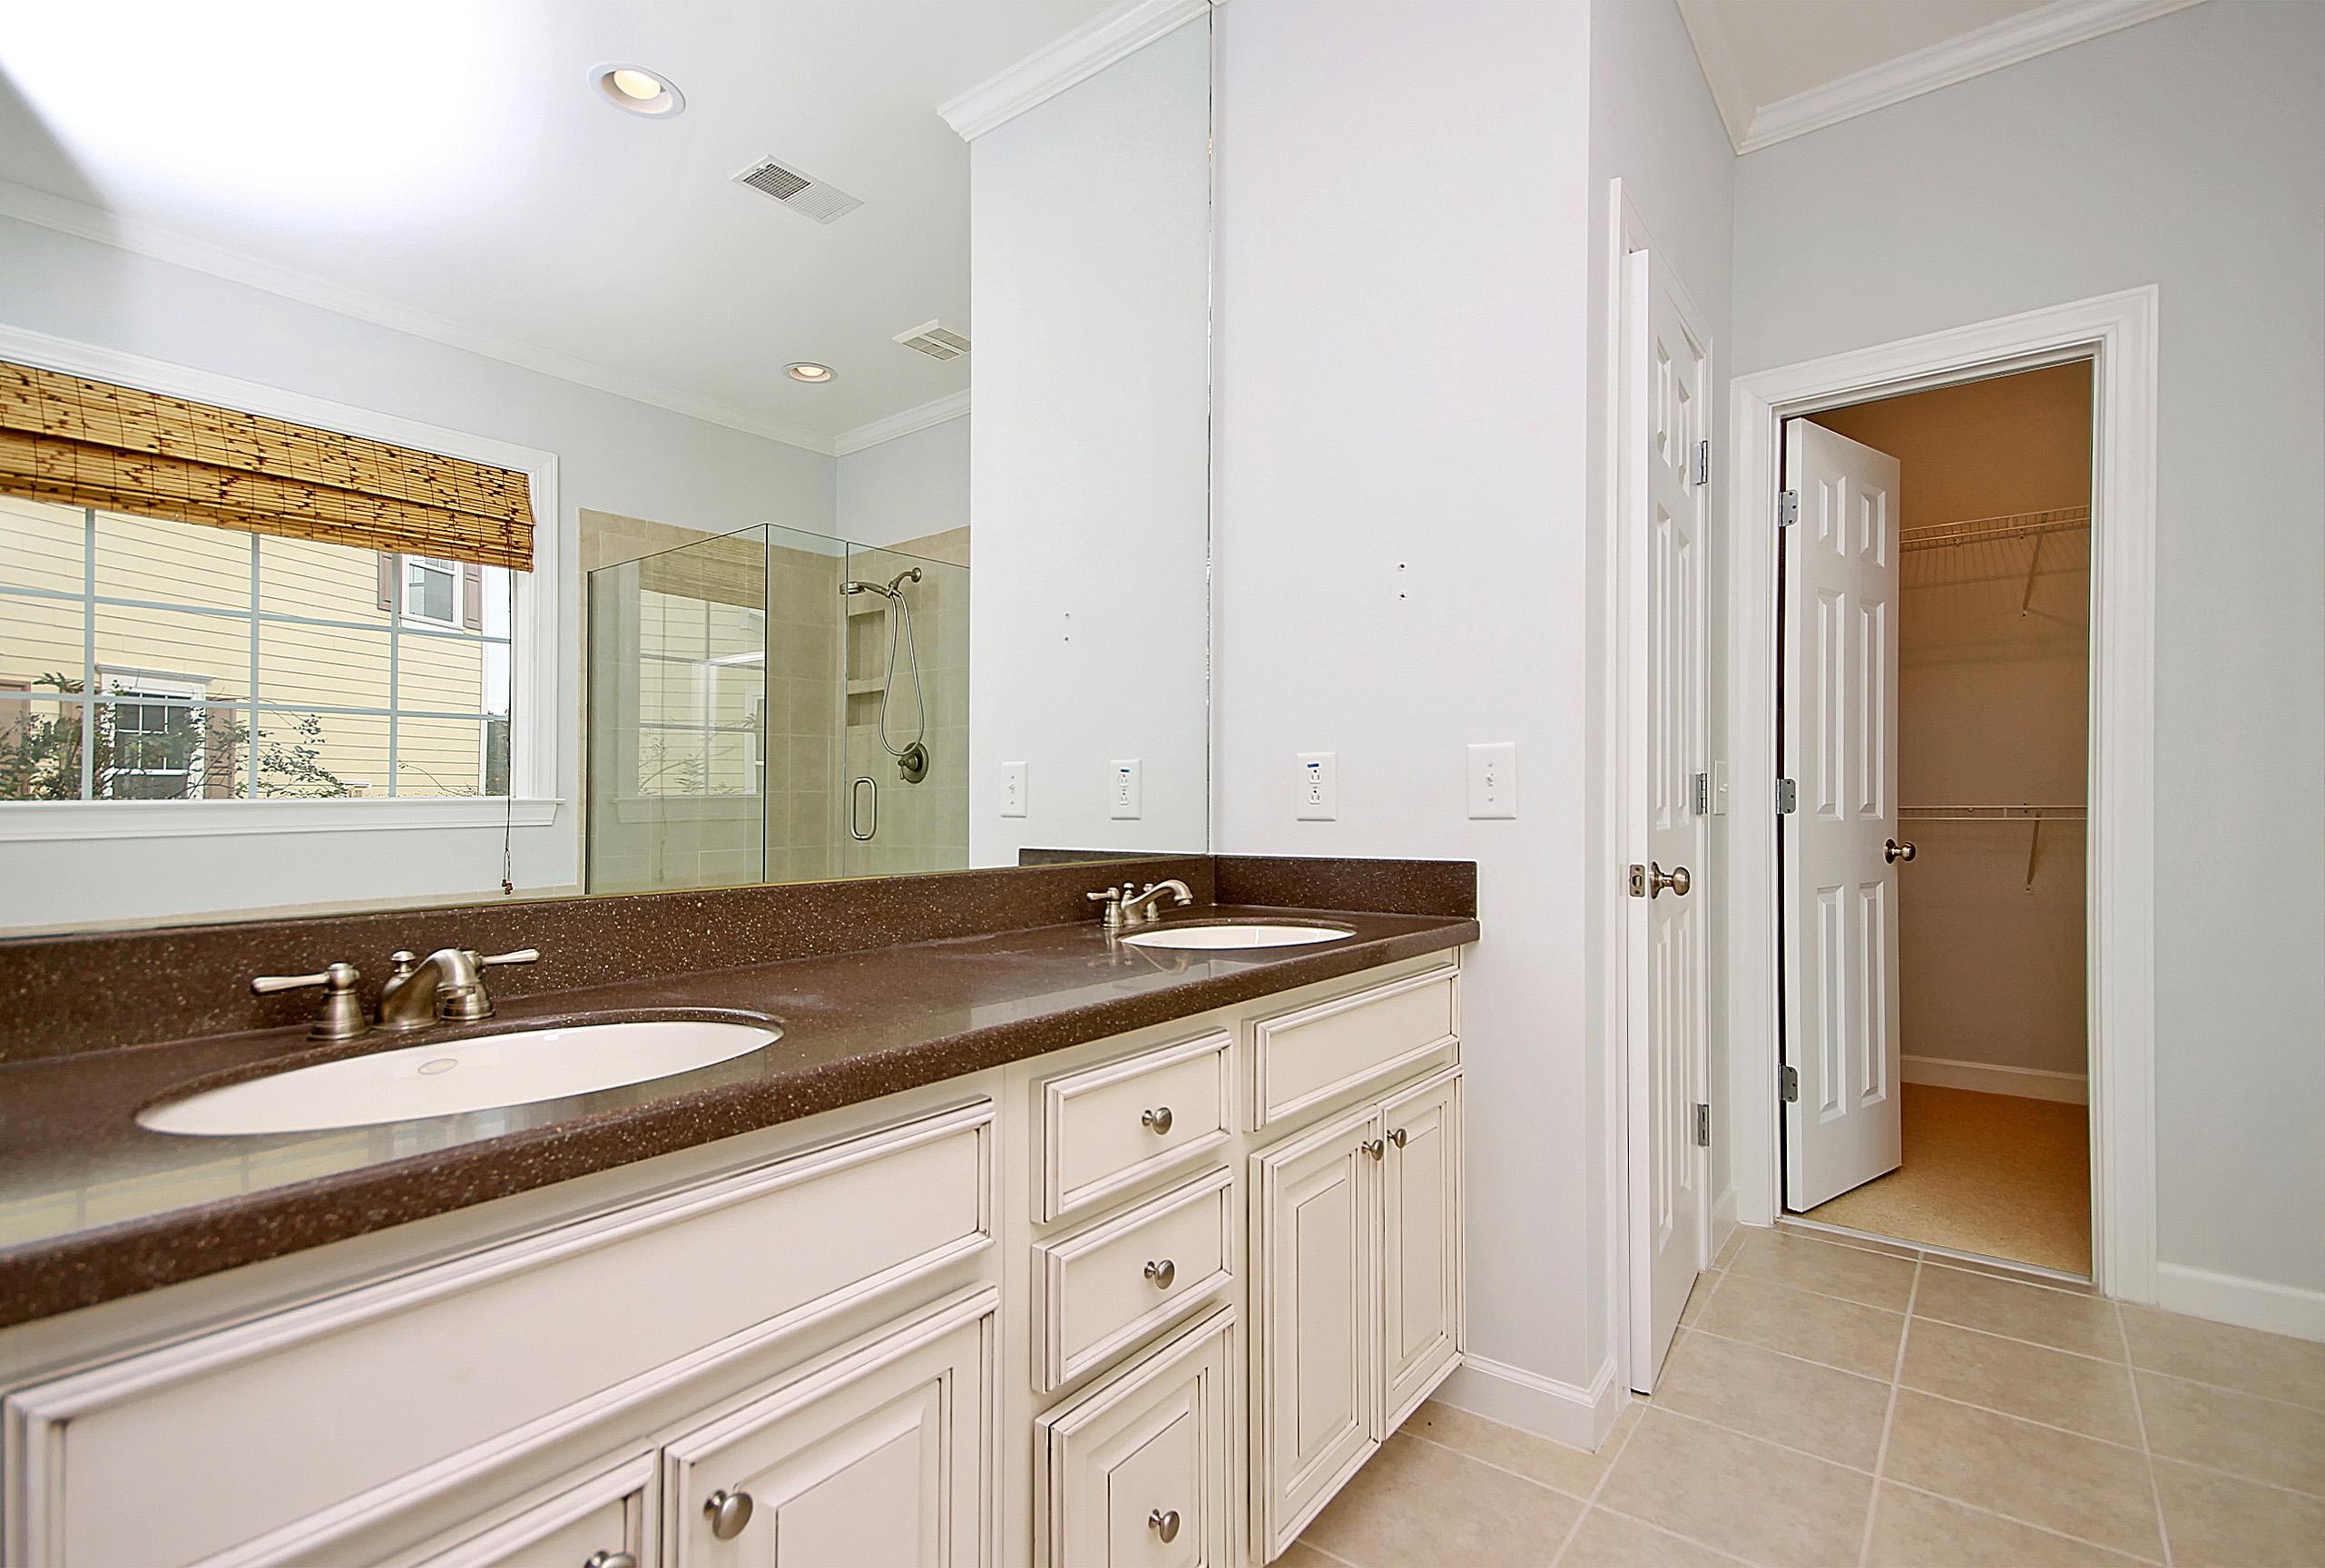 Dunes West Homes For Sale - 148 Palm Cove, Mount Pleasant, SC - 26